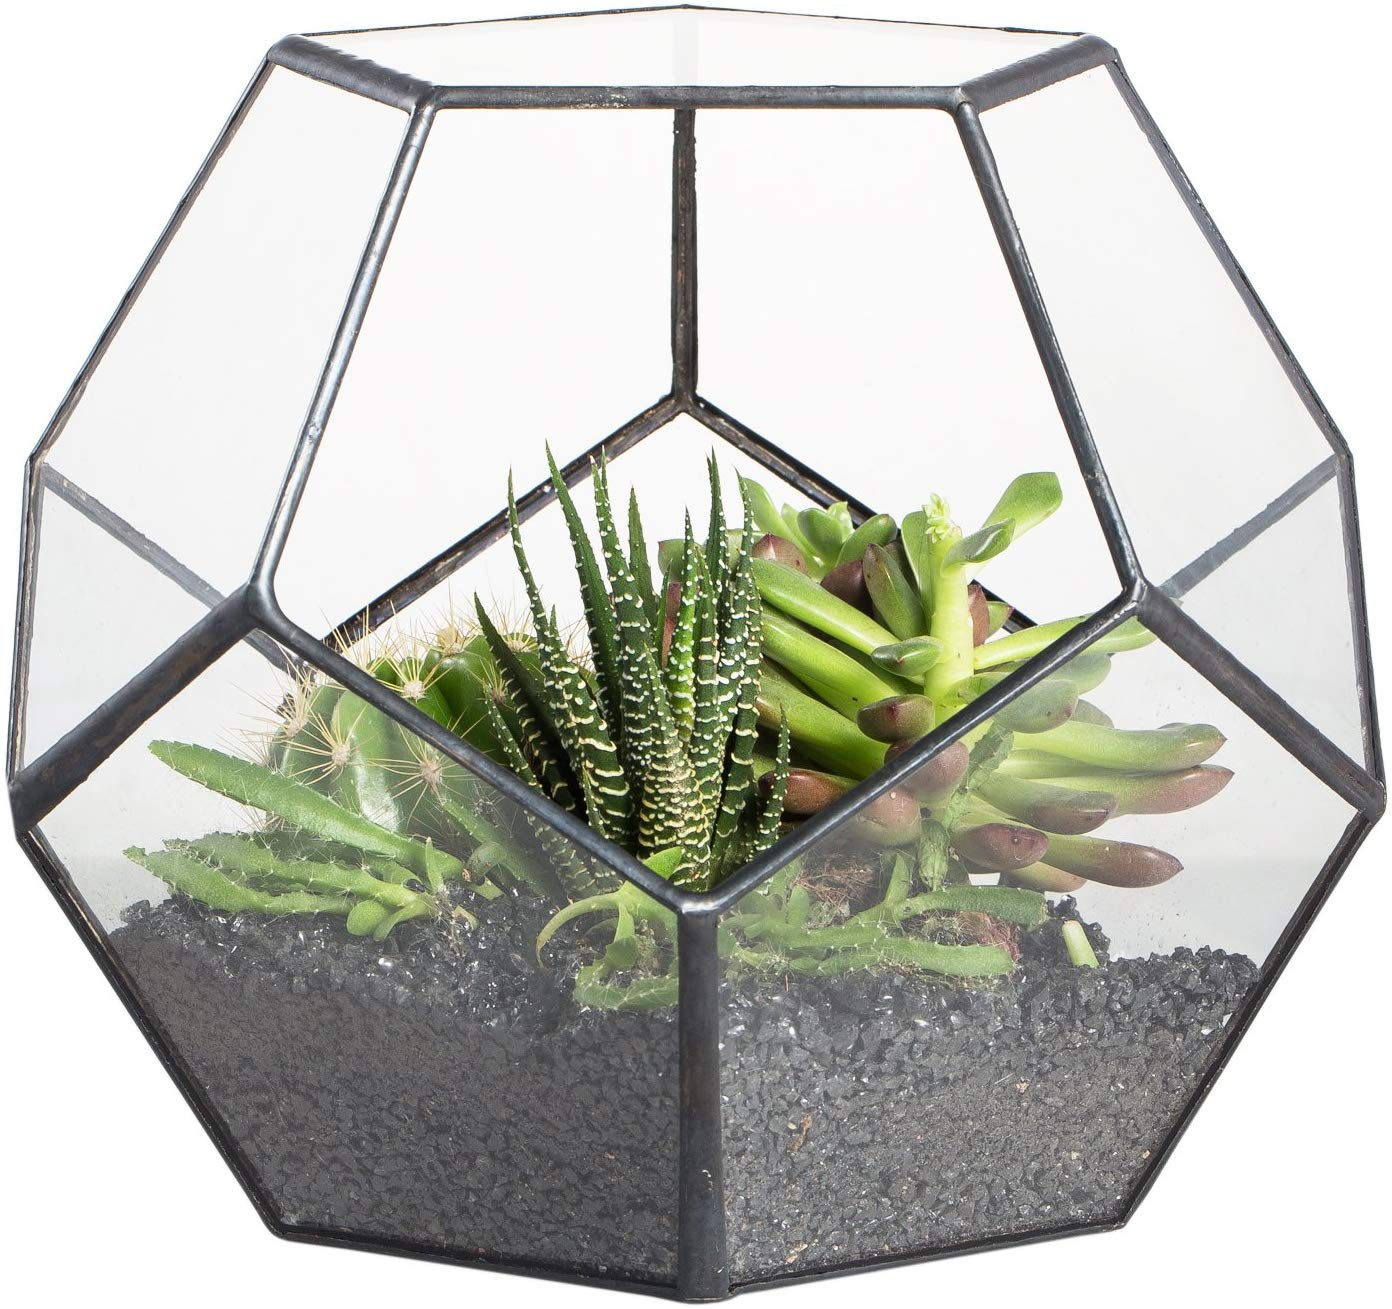 Black Glass Geometric Terrarium Container